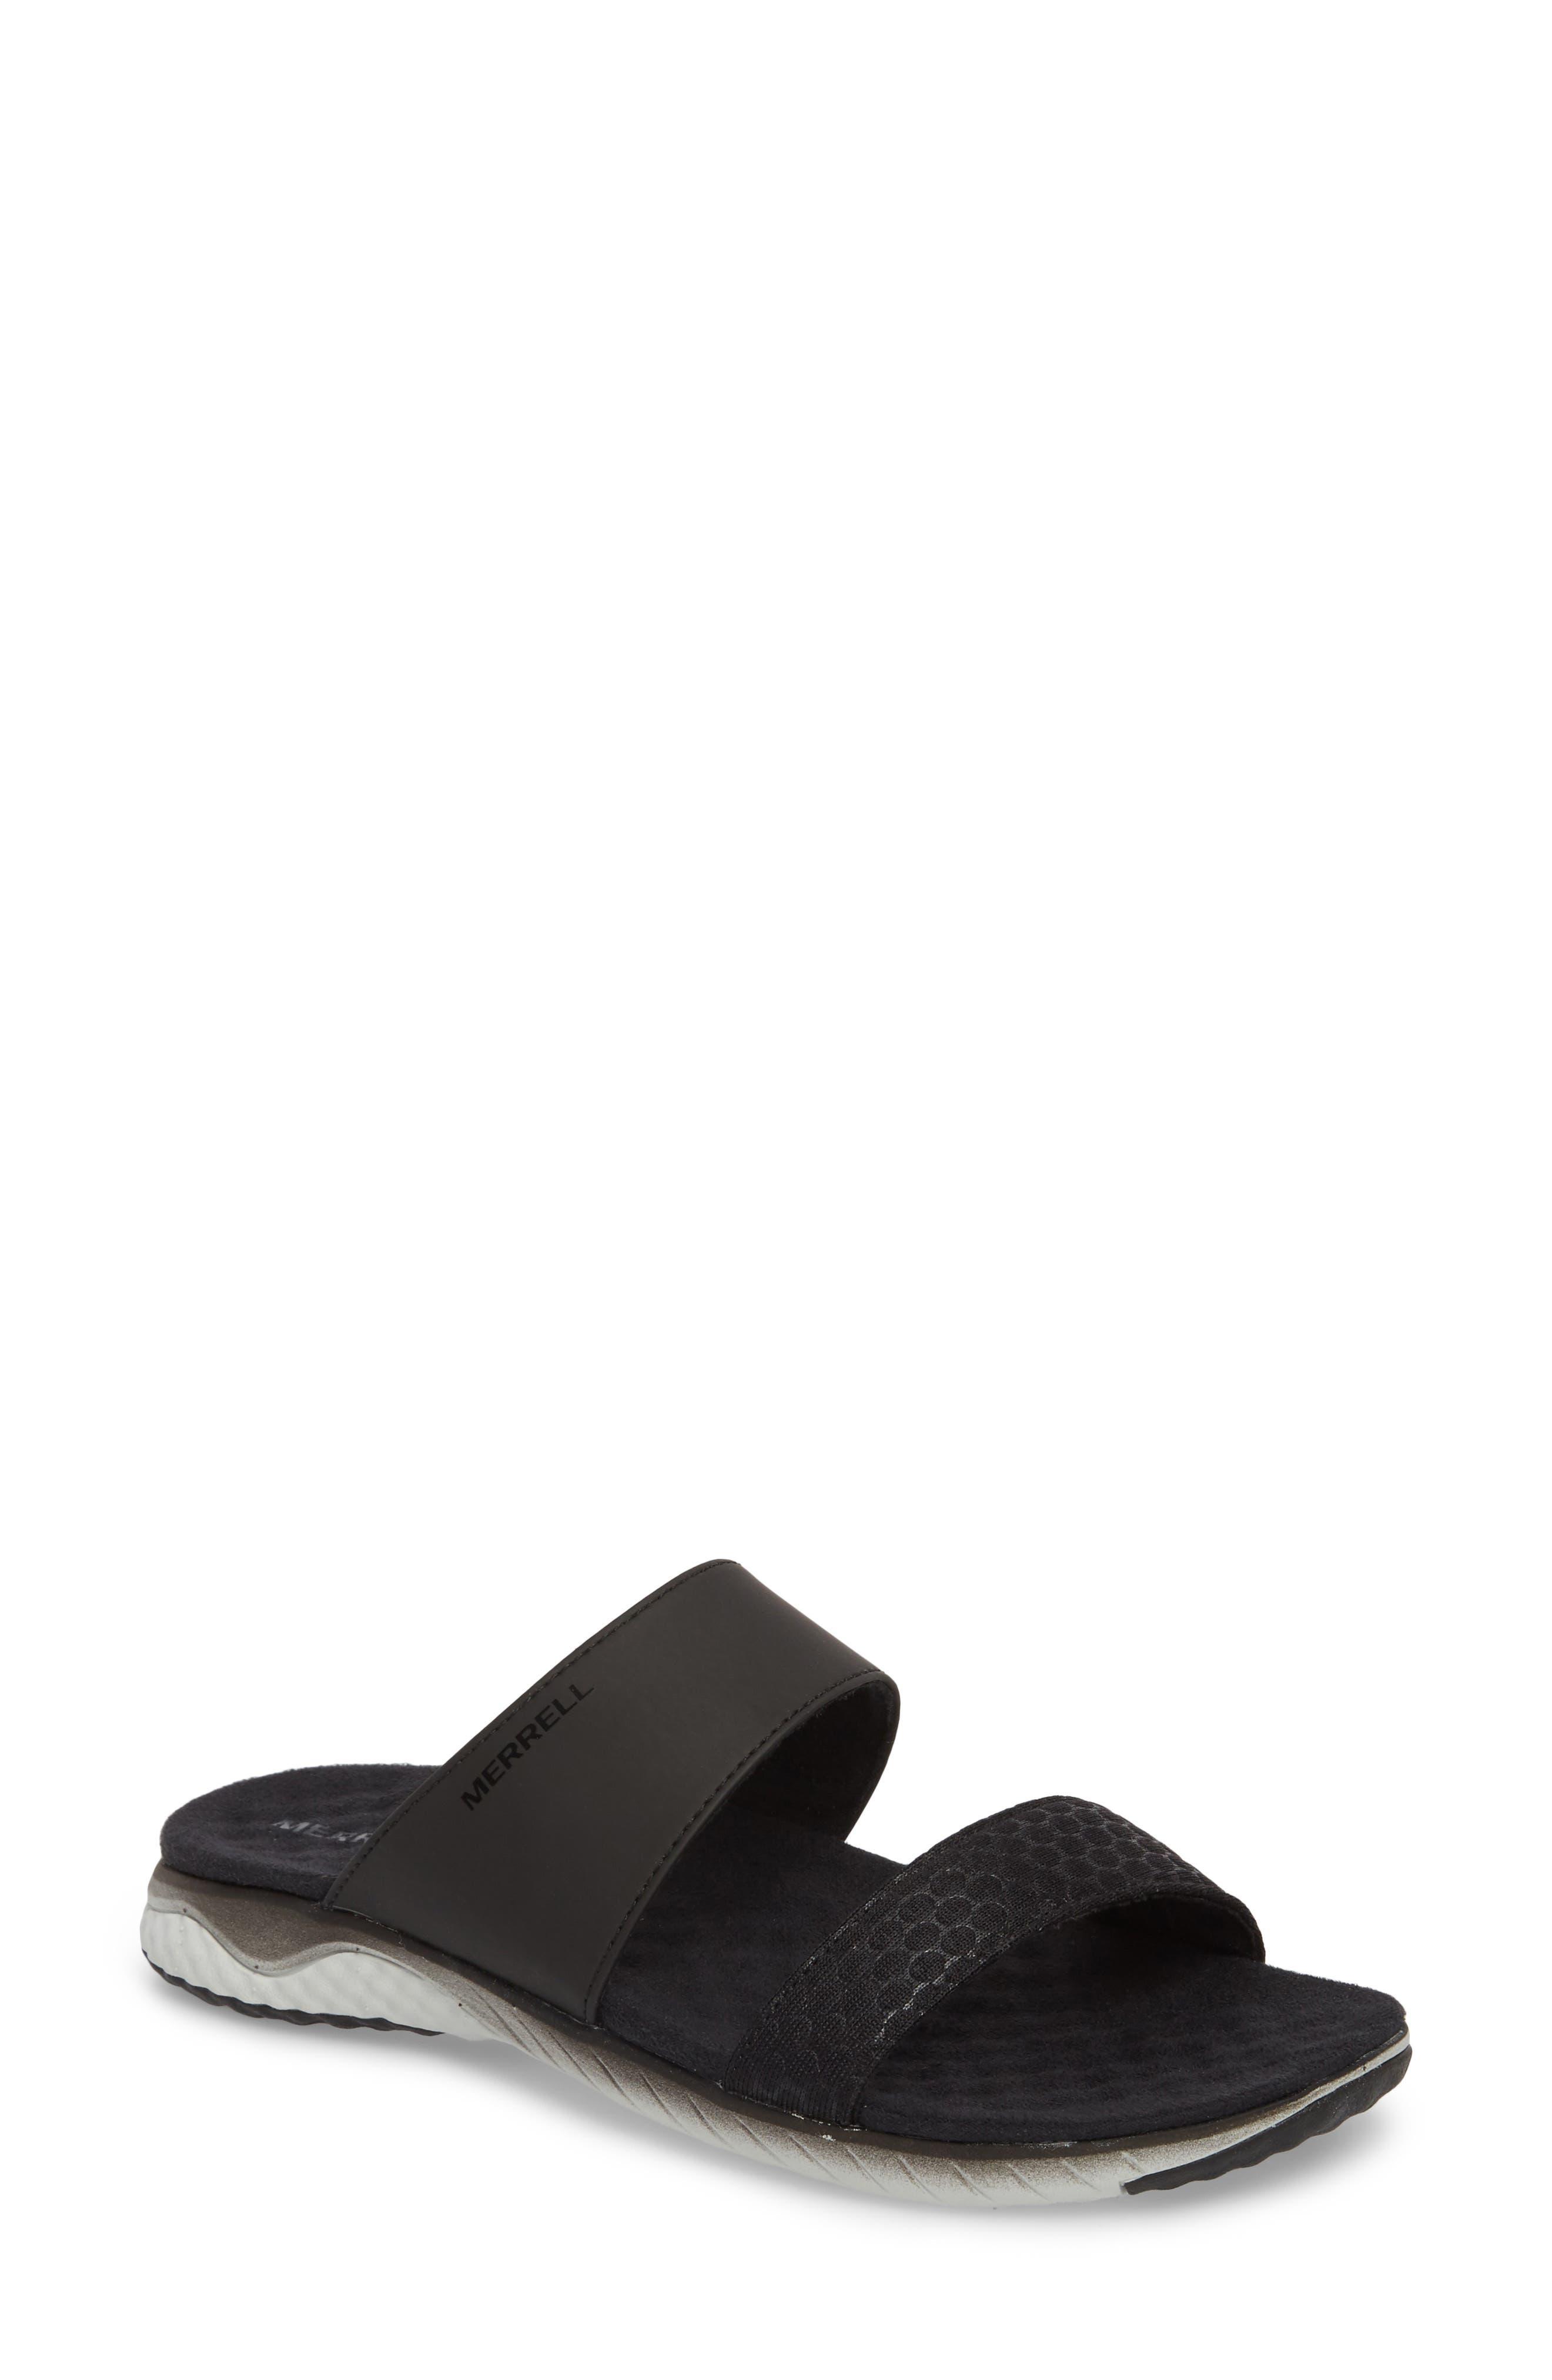 1SIX8 Linna Air Cushion+ Slide Sandal,                             Main thumbnail 1, color,                             Black